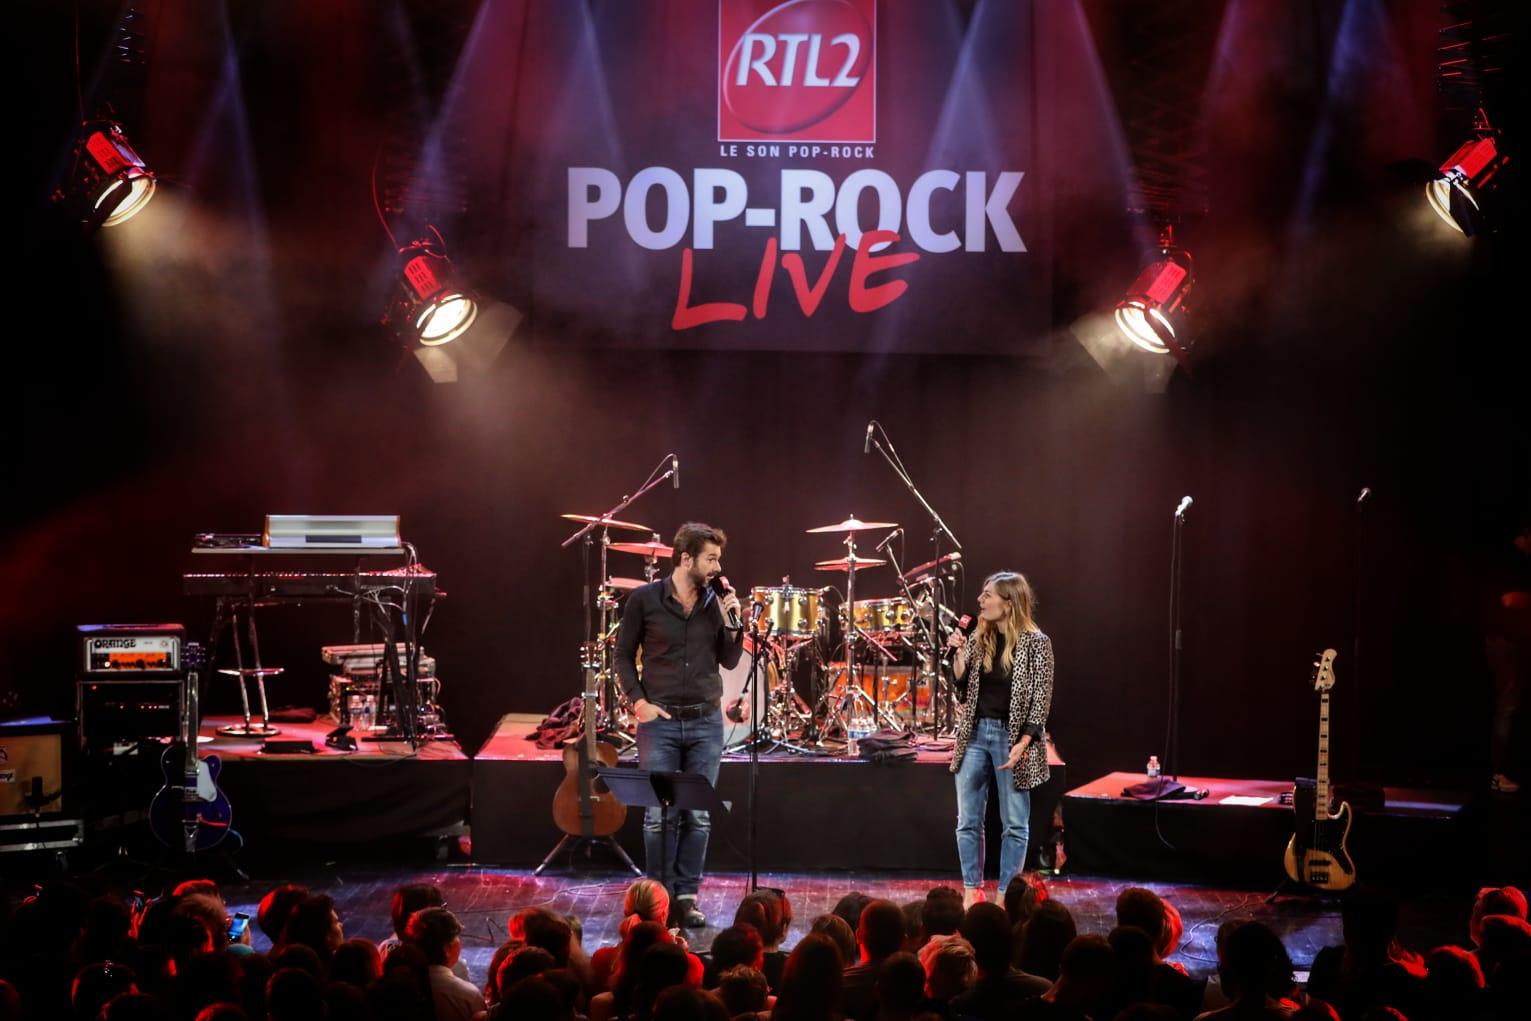 Eric Jean Jean et Mathilde Courjeau sur la scène du RTL2 Pop-Rock Live au Trianon